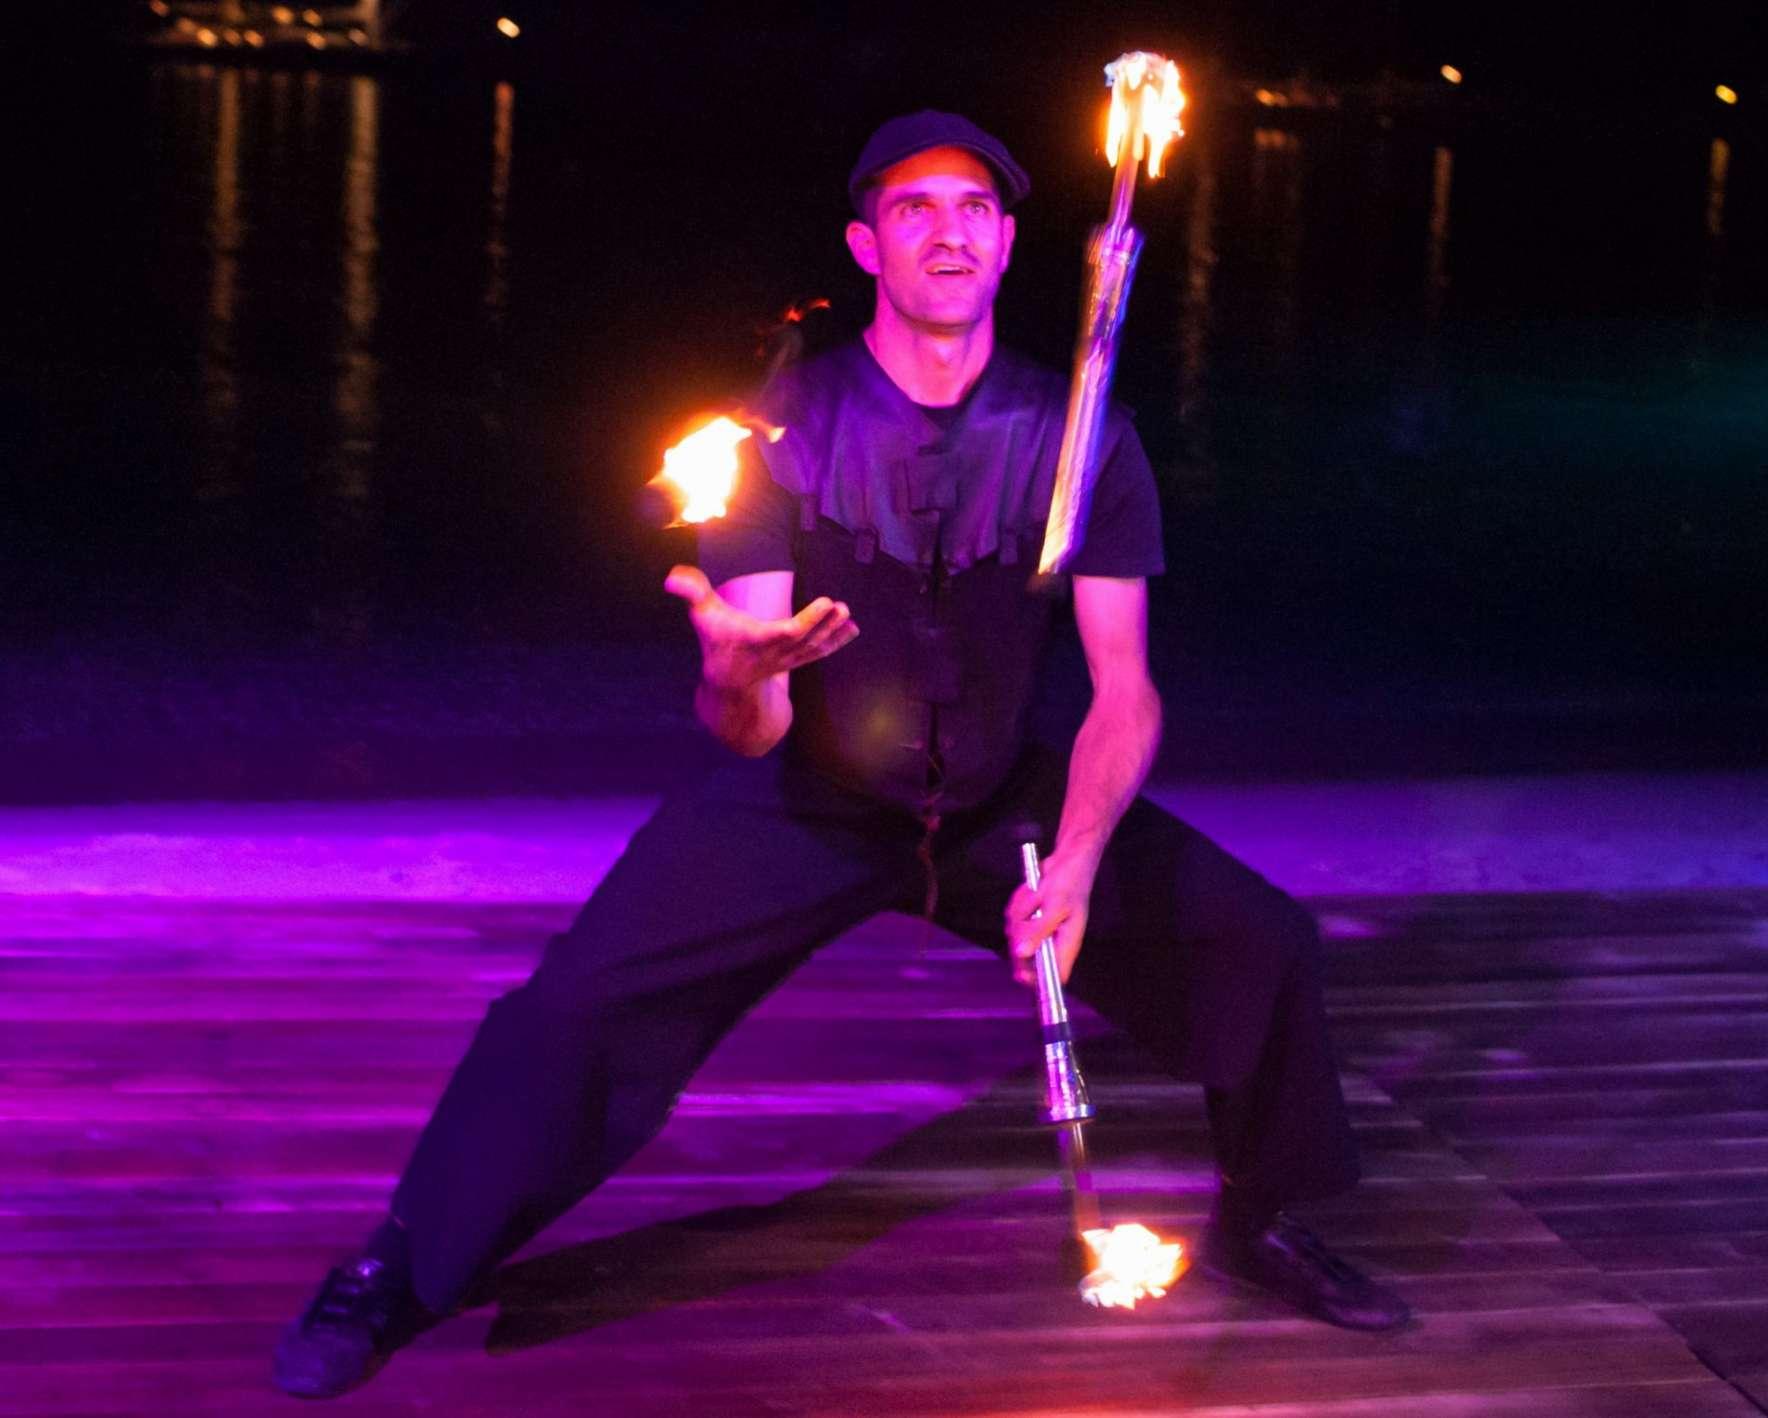 Ζογκλέρ παίζει με τρεις αναμμένους πυρσούς σε εταιρική εκδήλωση στο Budha Bar της Μυκόνου.